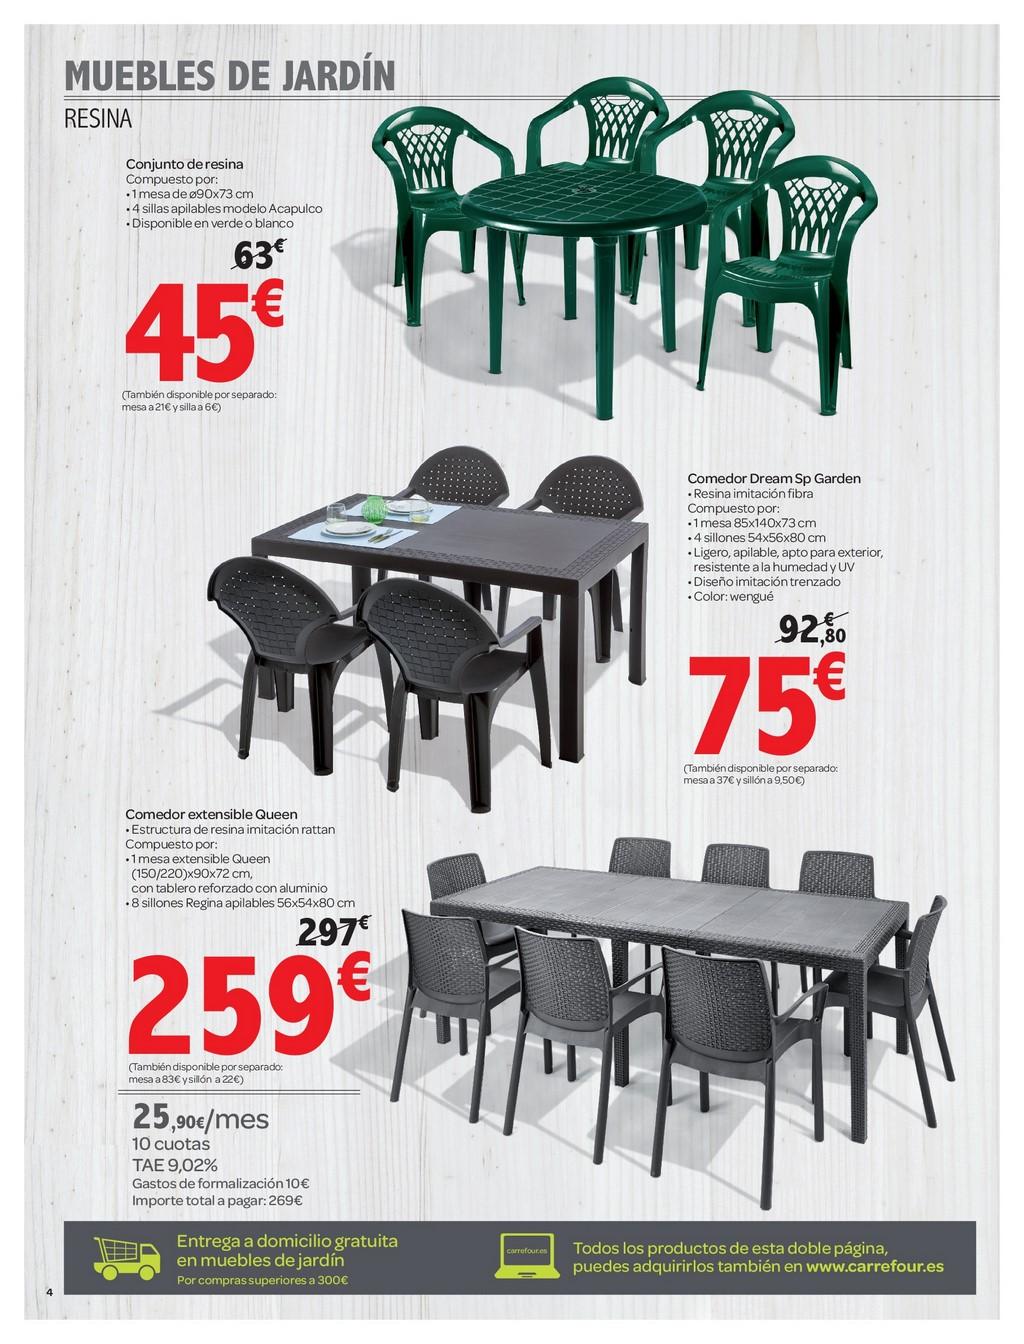 Muebles de jardin carrefour4 for Carrefour muebles de bano